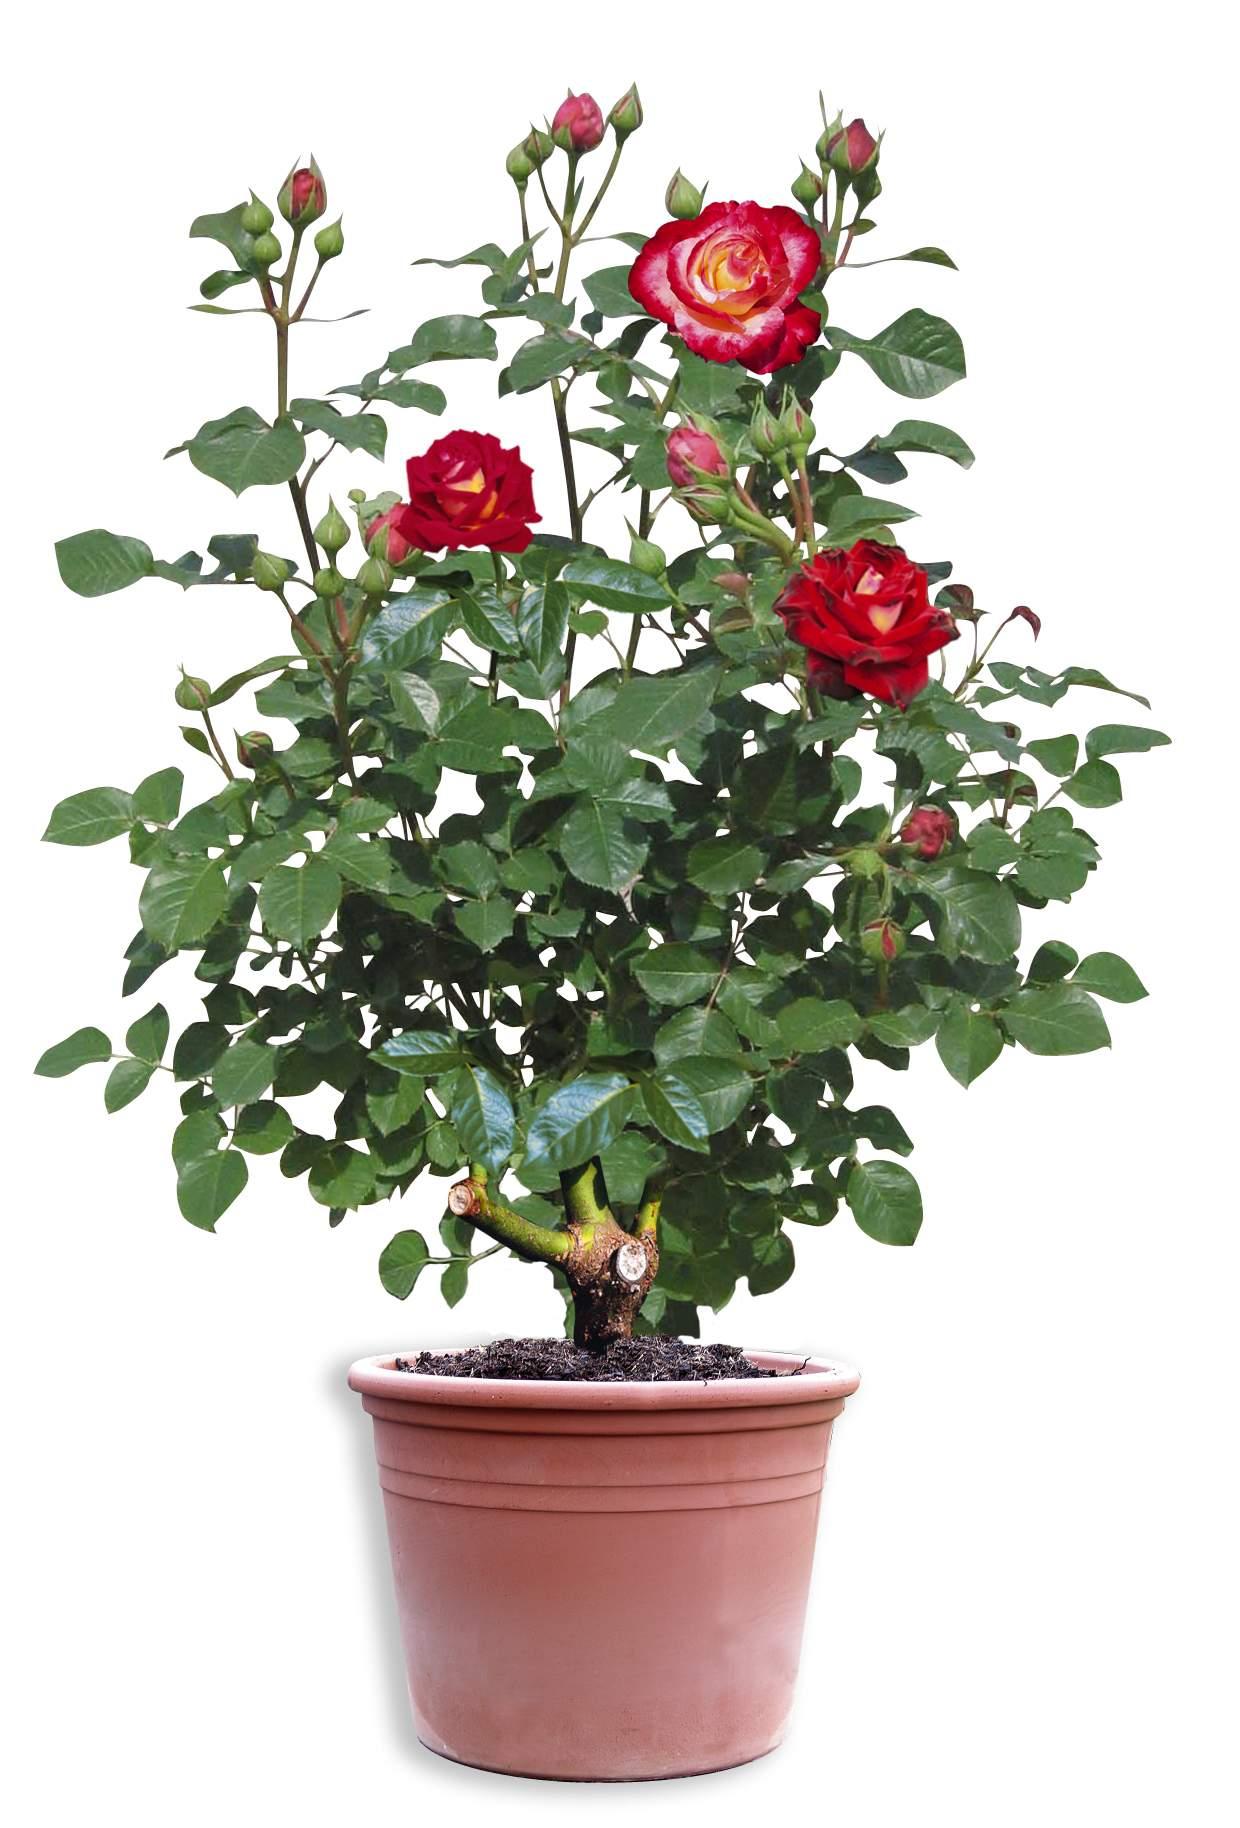 Rosiers tous les fournisseurs rose eglantier reine - Rosier en pot ...